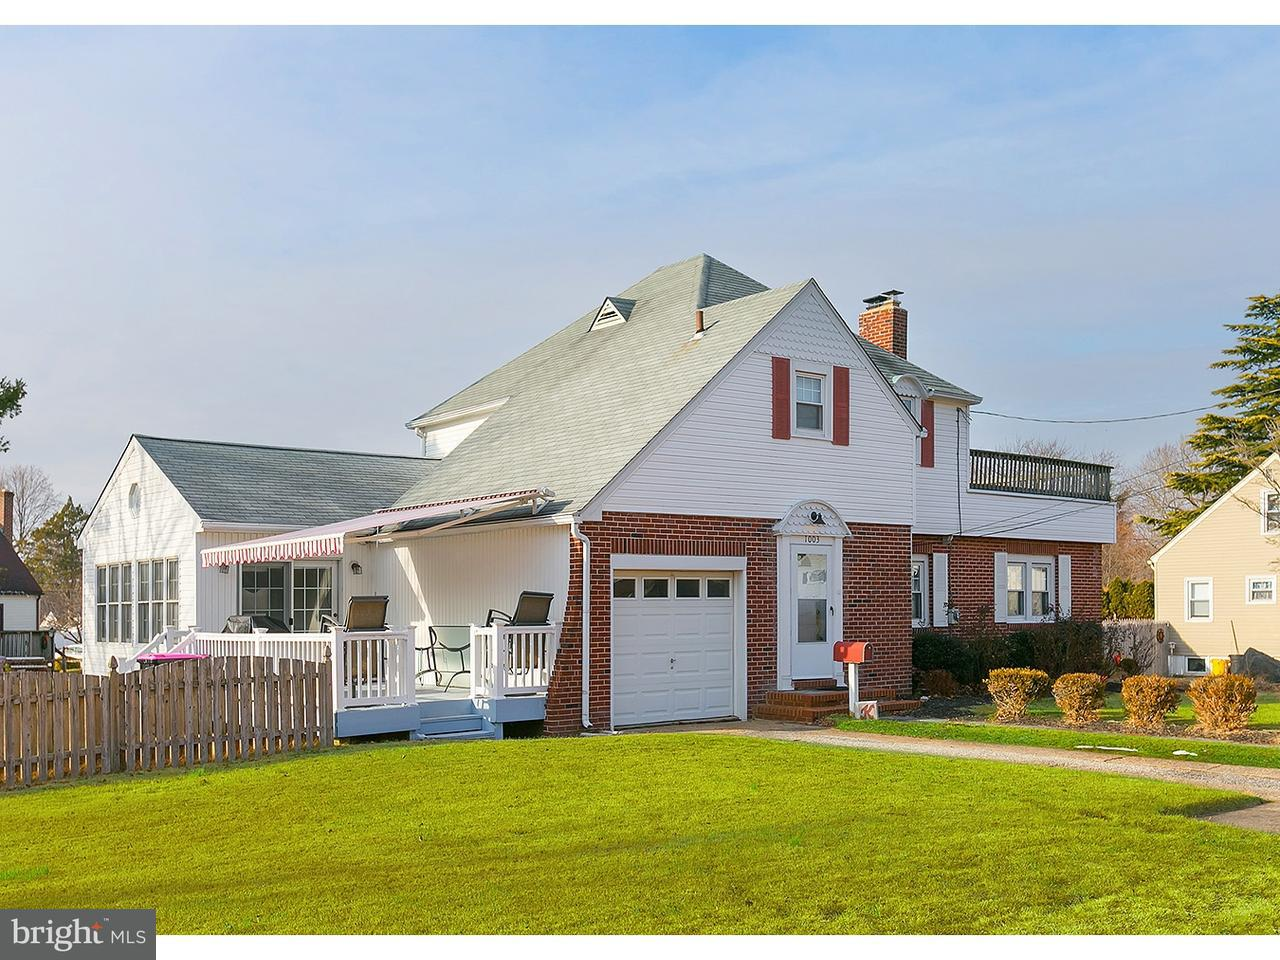 Частный односемейный дом для того Продажа на 1003 WOODLAND Avenue Glendora, Нью-Джерси 08029 Соединенные Штаты